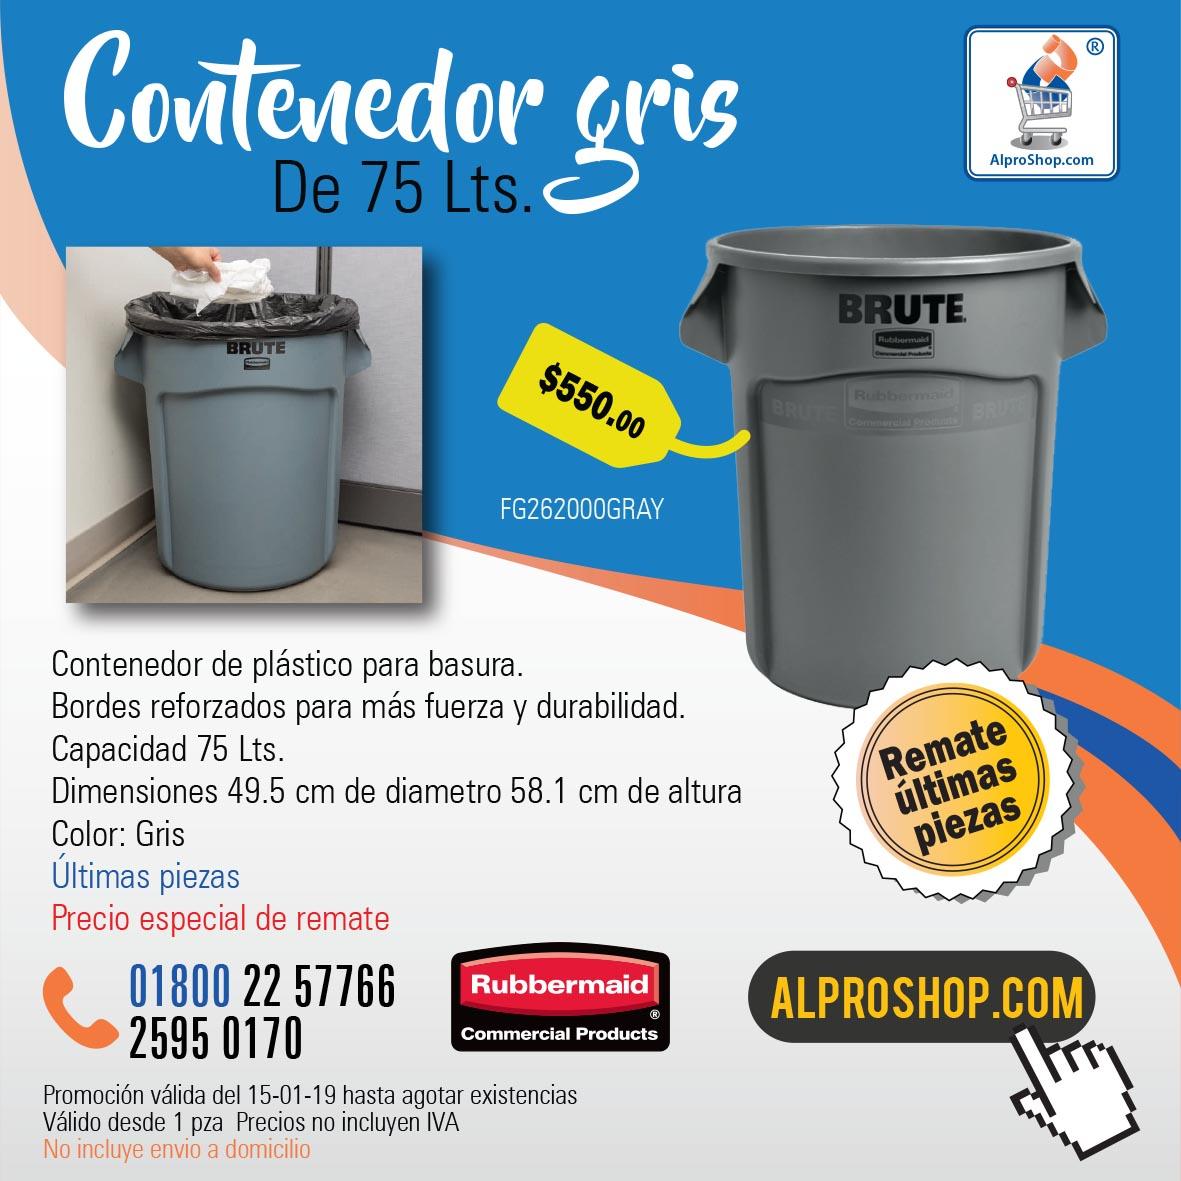 contenedor-gris-de-75-lts.jpg